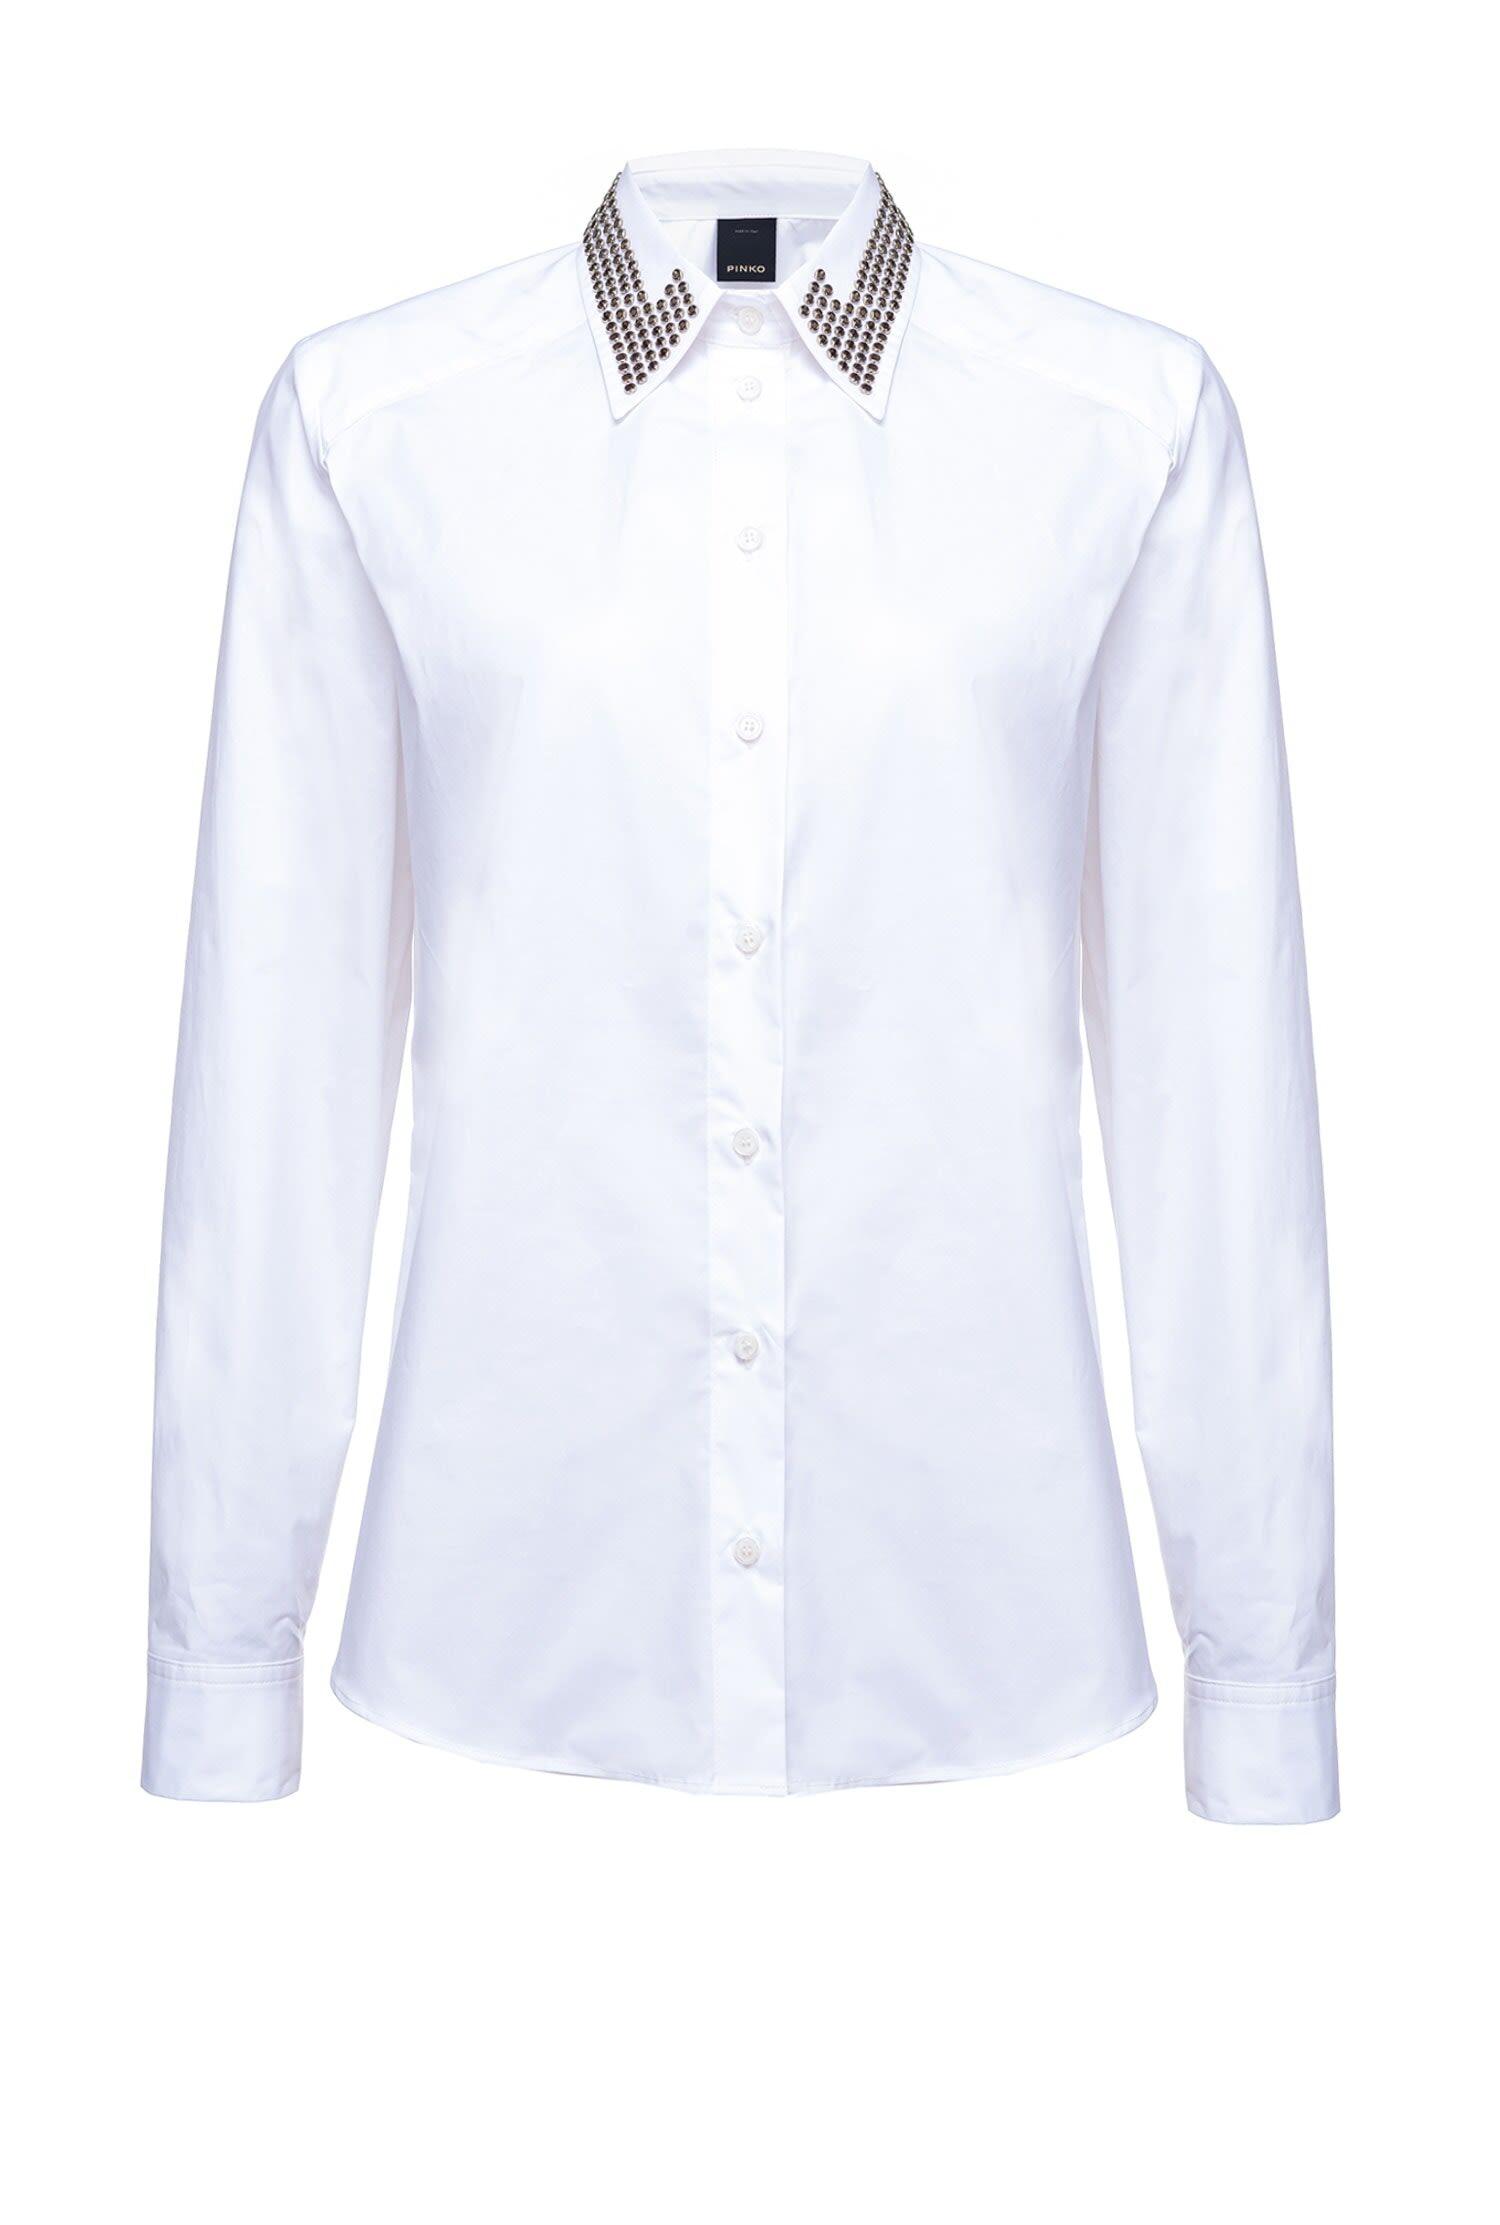 Camicia In Popeline Con Colletto Strass - Pinko